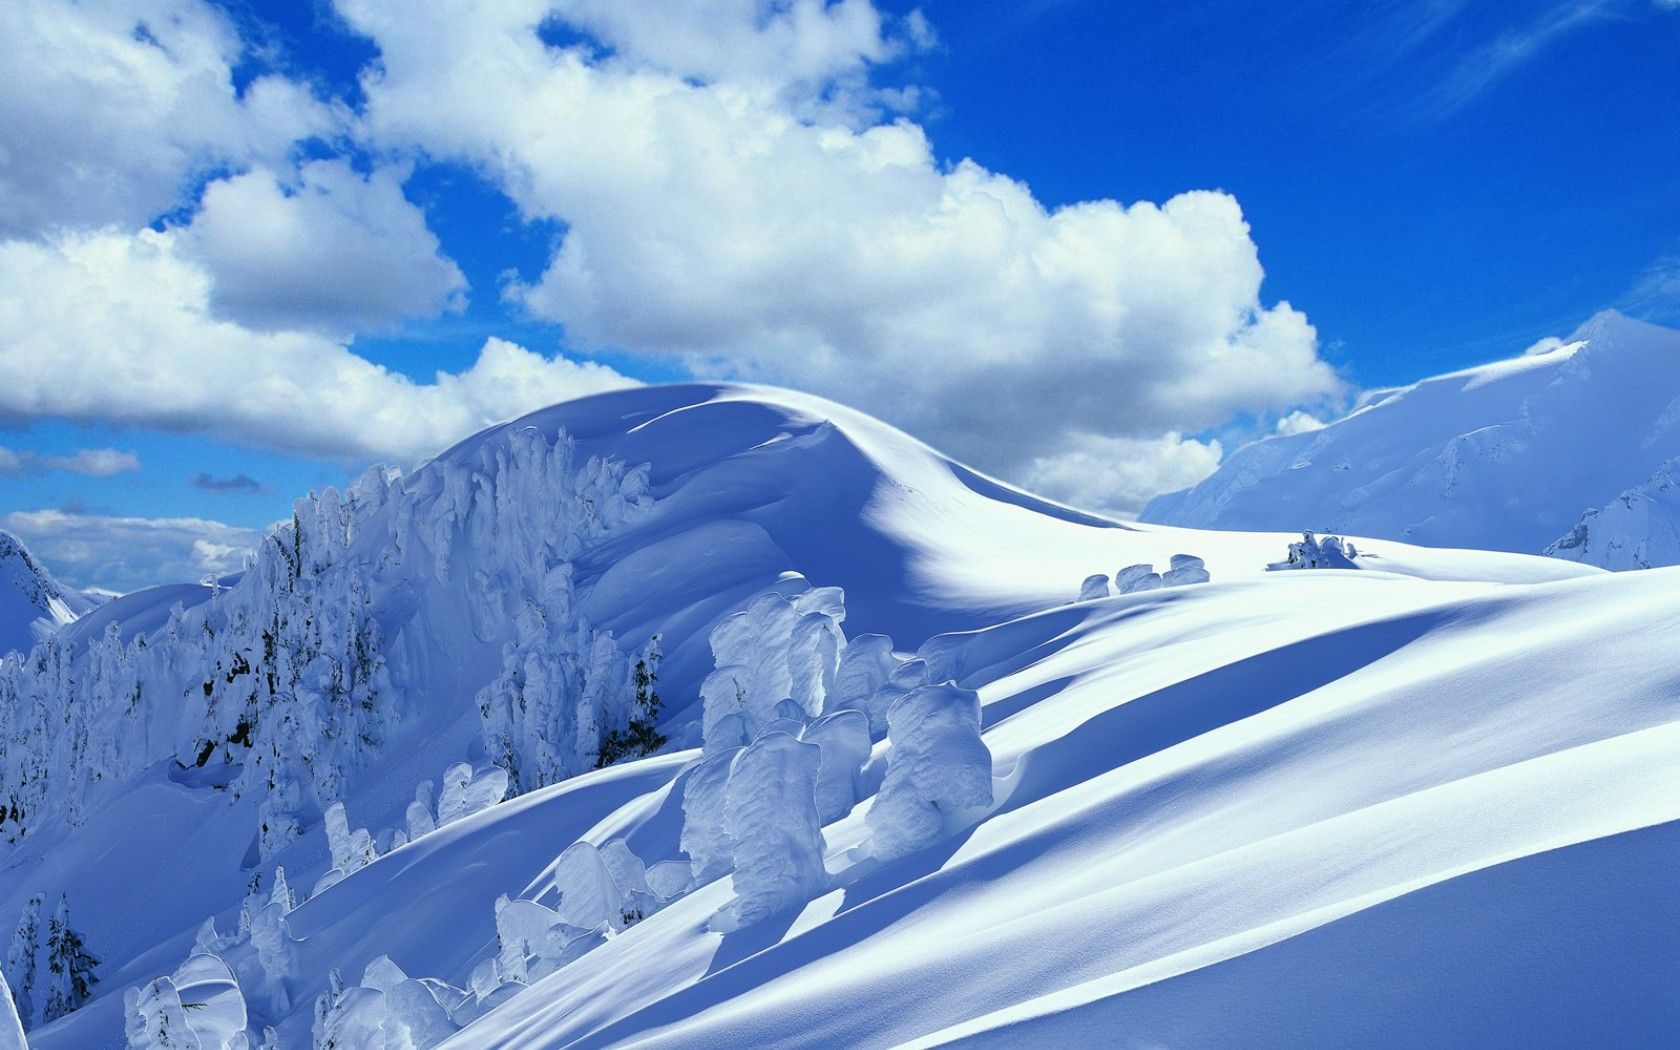 Hiver Fonds D Ecran Arrieres Plan 1680x1050 Id 39704 Paysage Hiver Paysage Montagne Arriere Plan